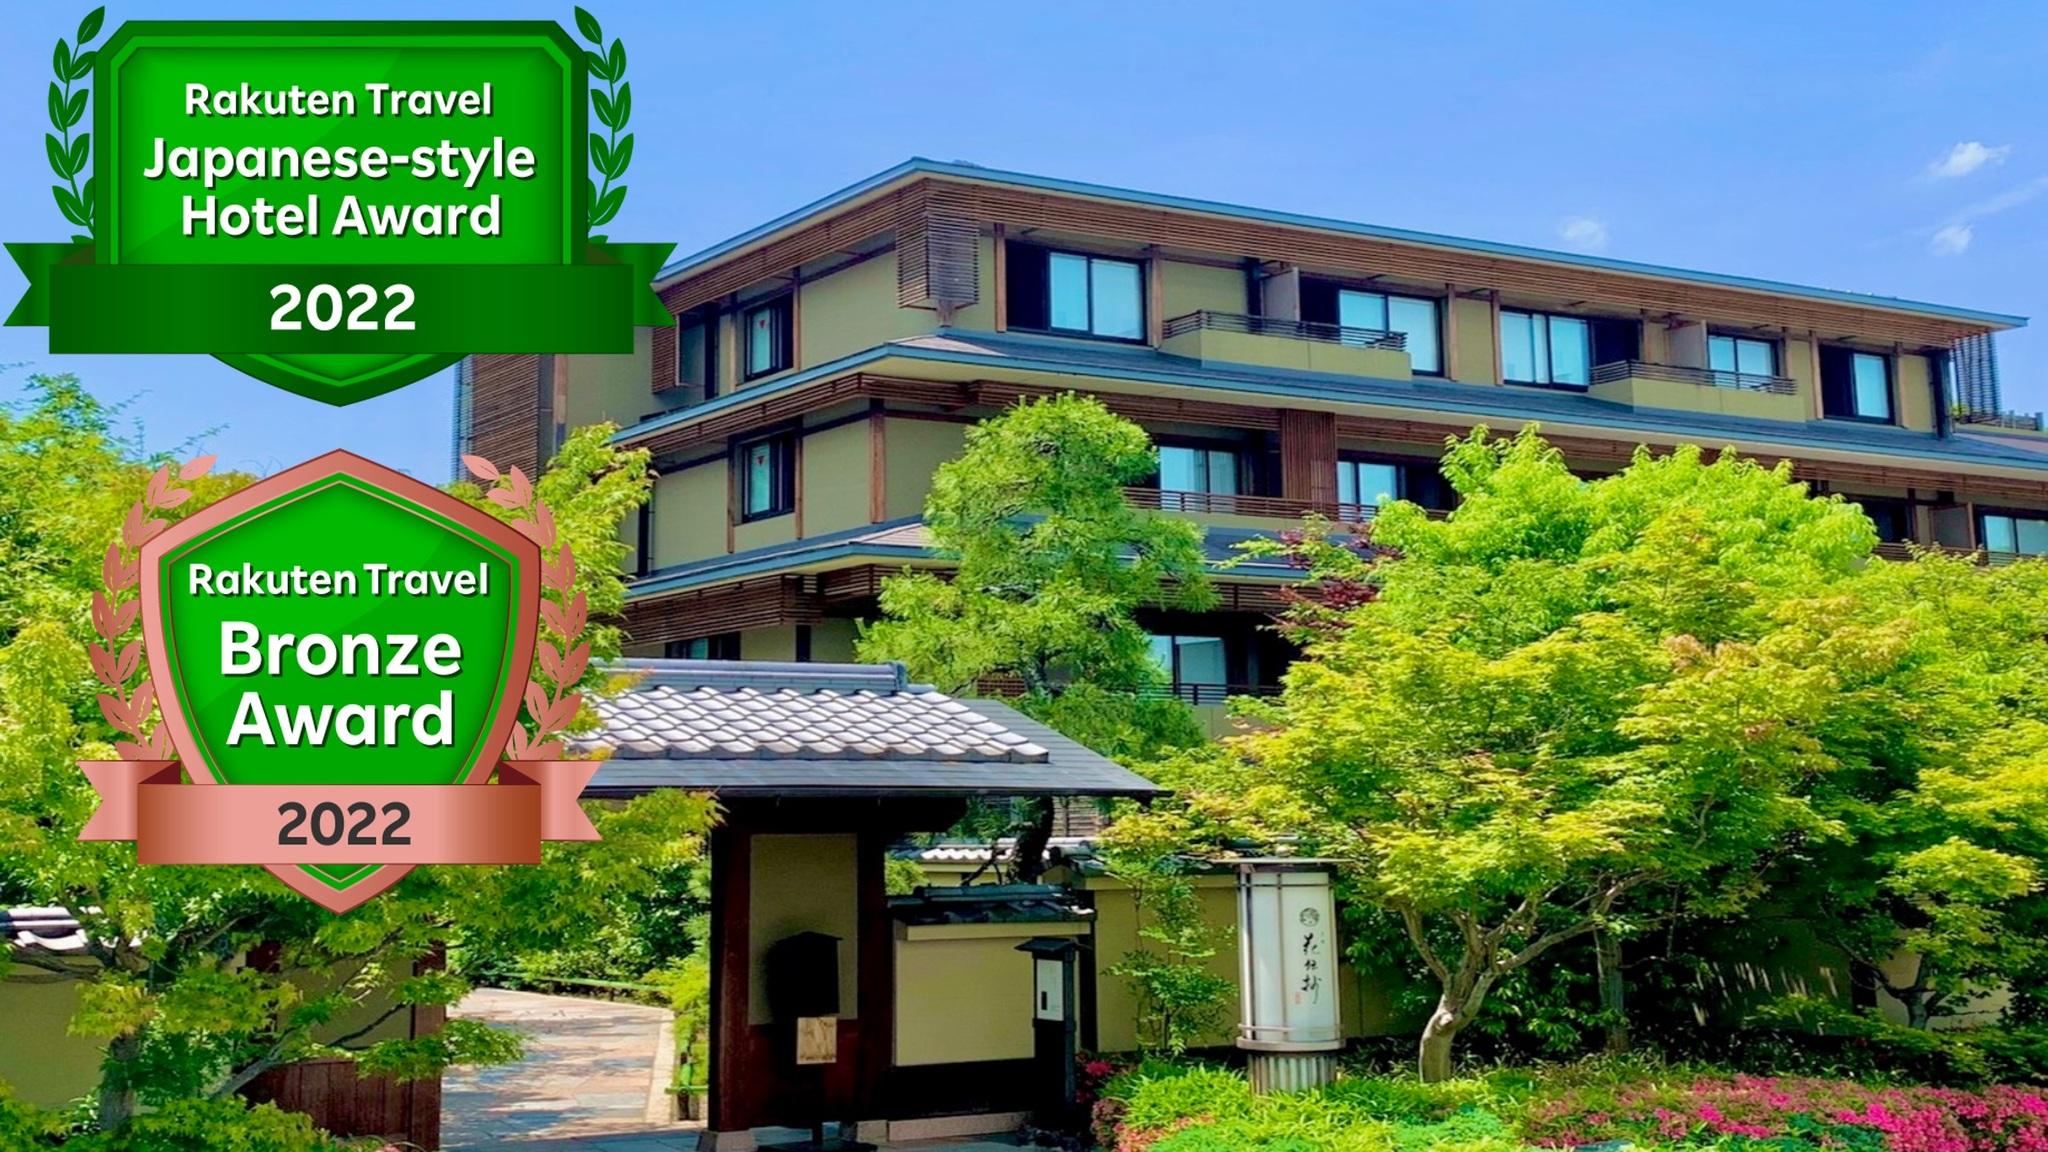 関西で日帰りで利用できるプランがある温泉宿